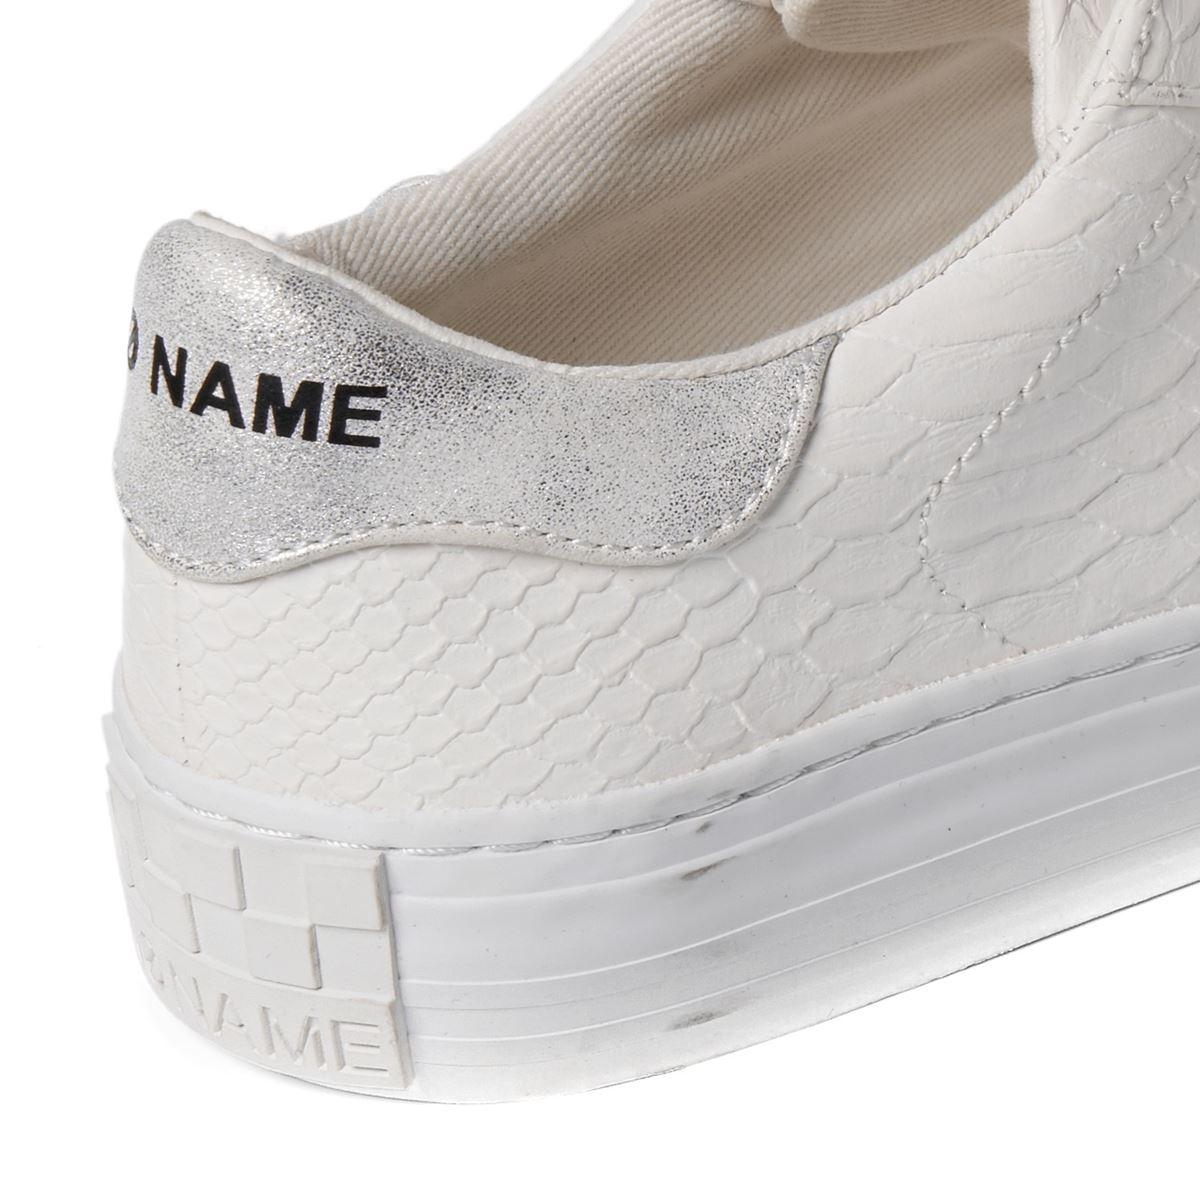 [新入荷] [2020秋冬]NO NAME ノーネーム アルカデ ホワイト ARCADE-02144 ※店舗共有商品